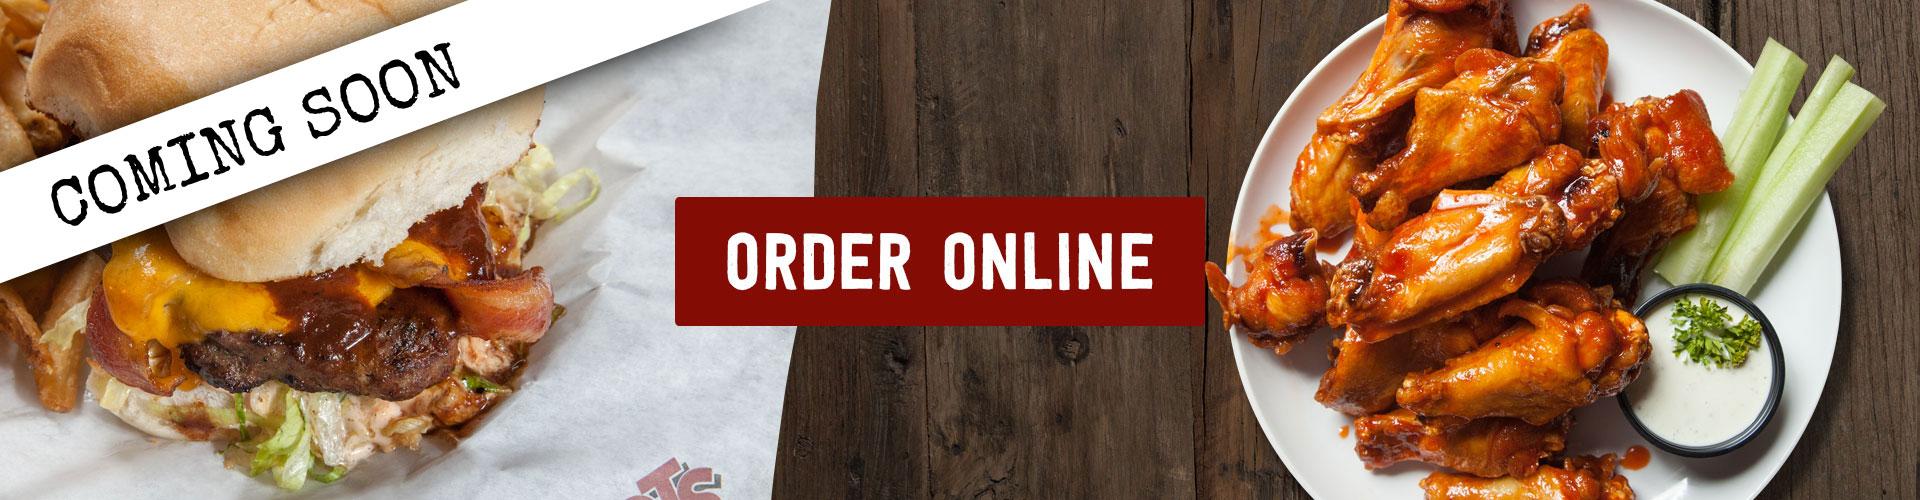 order-online-coming-soon.jpg